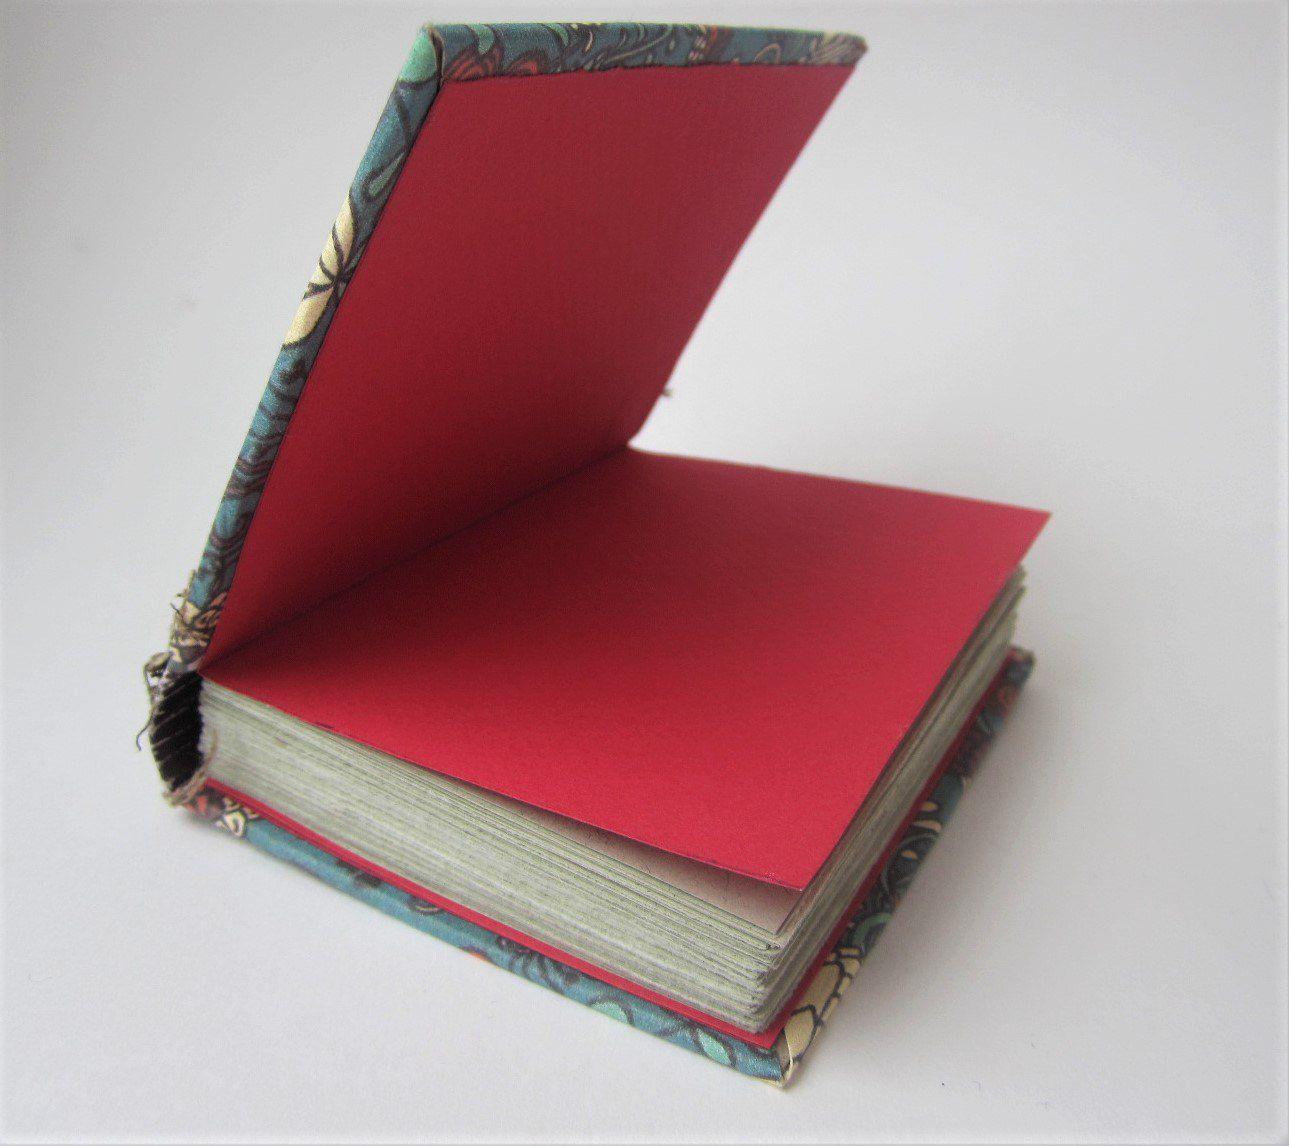 блокнот для_зарисовок sketchbook хобби наброски скетчбук рисование альбом